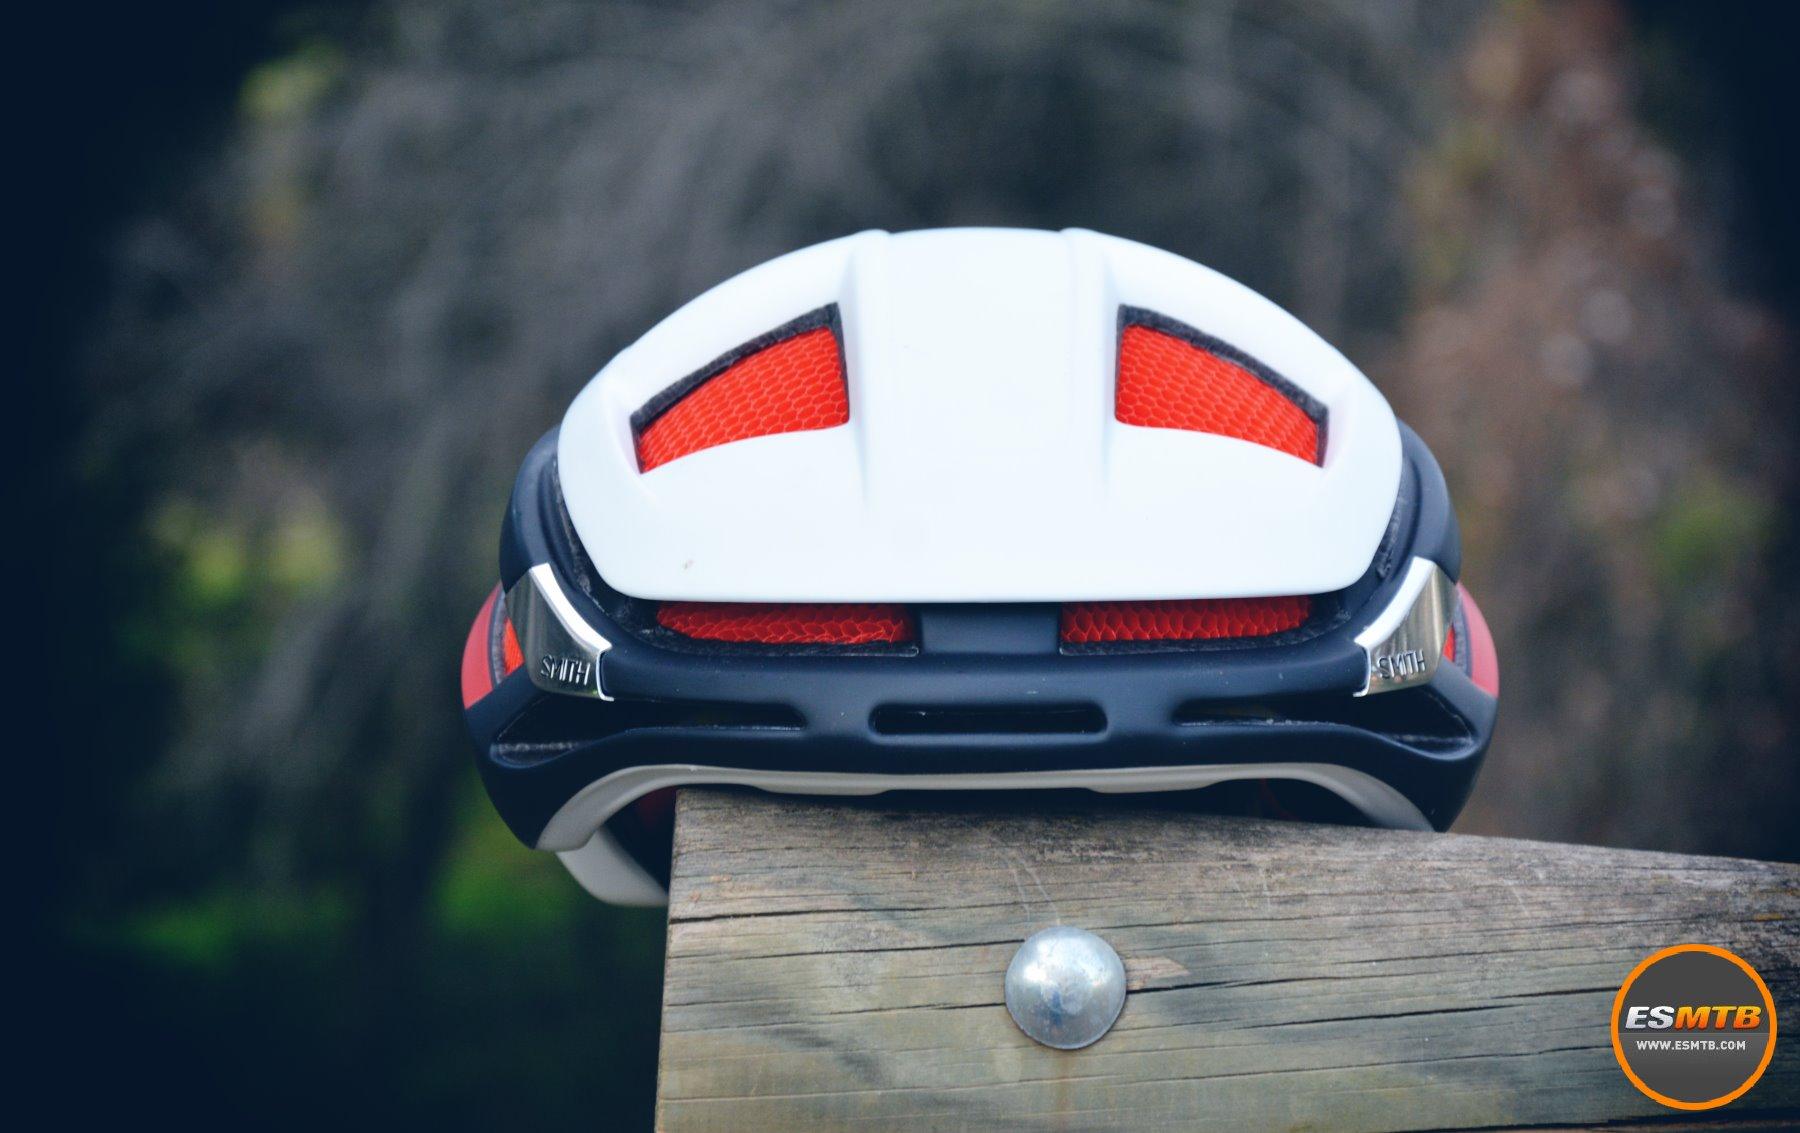 La aerodinámica ha sido una de las grandes premisas en el diseño del casco